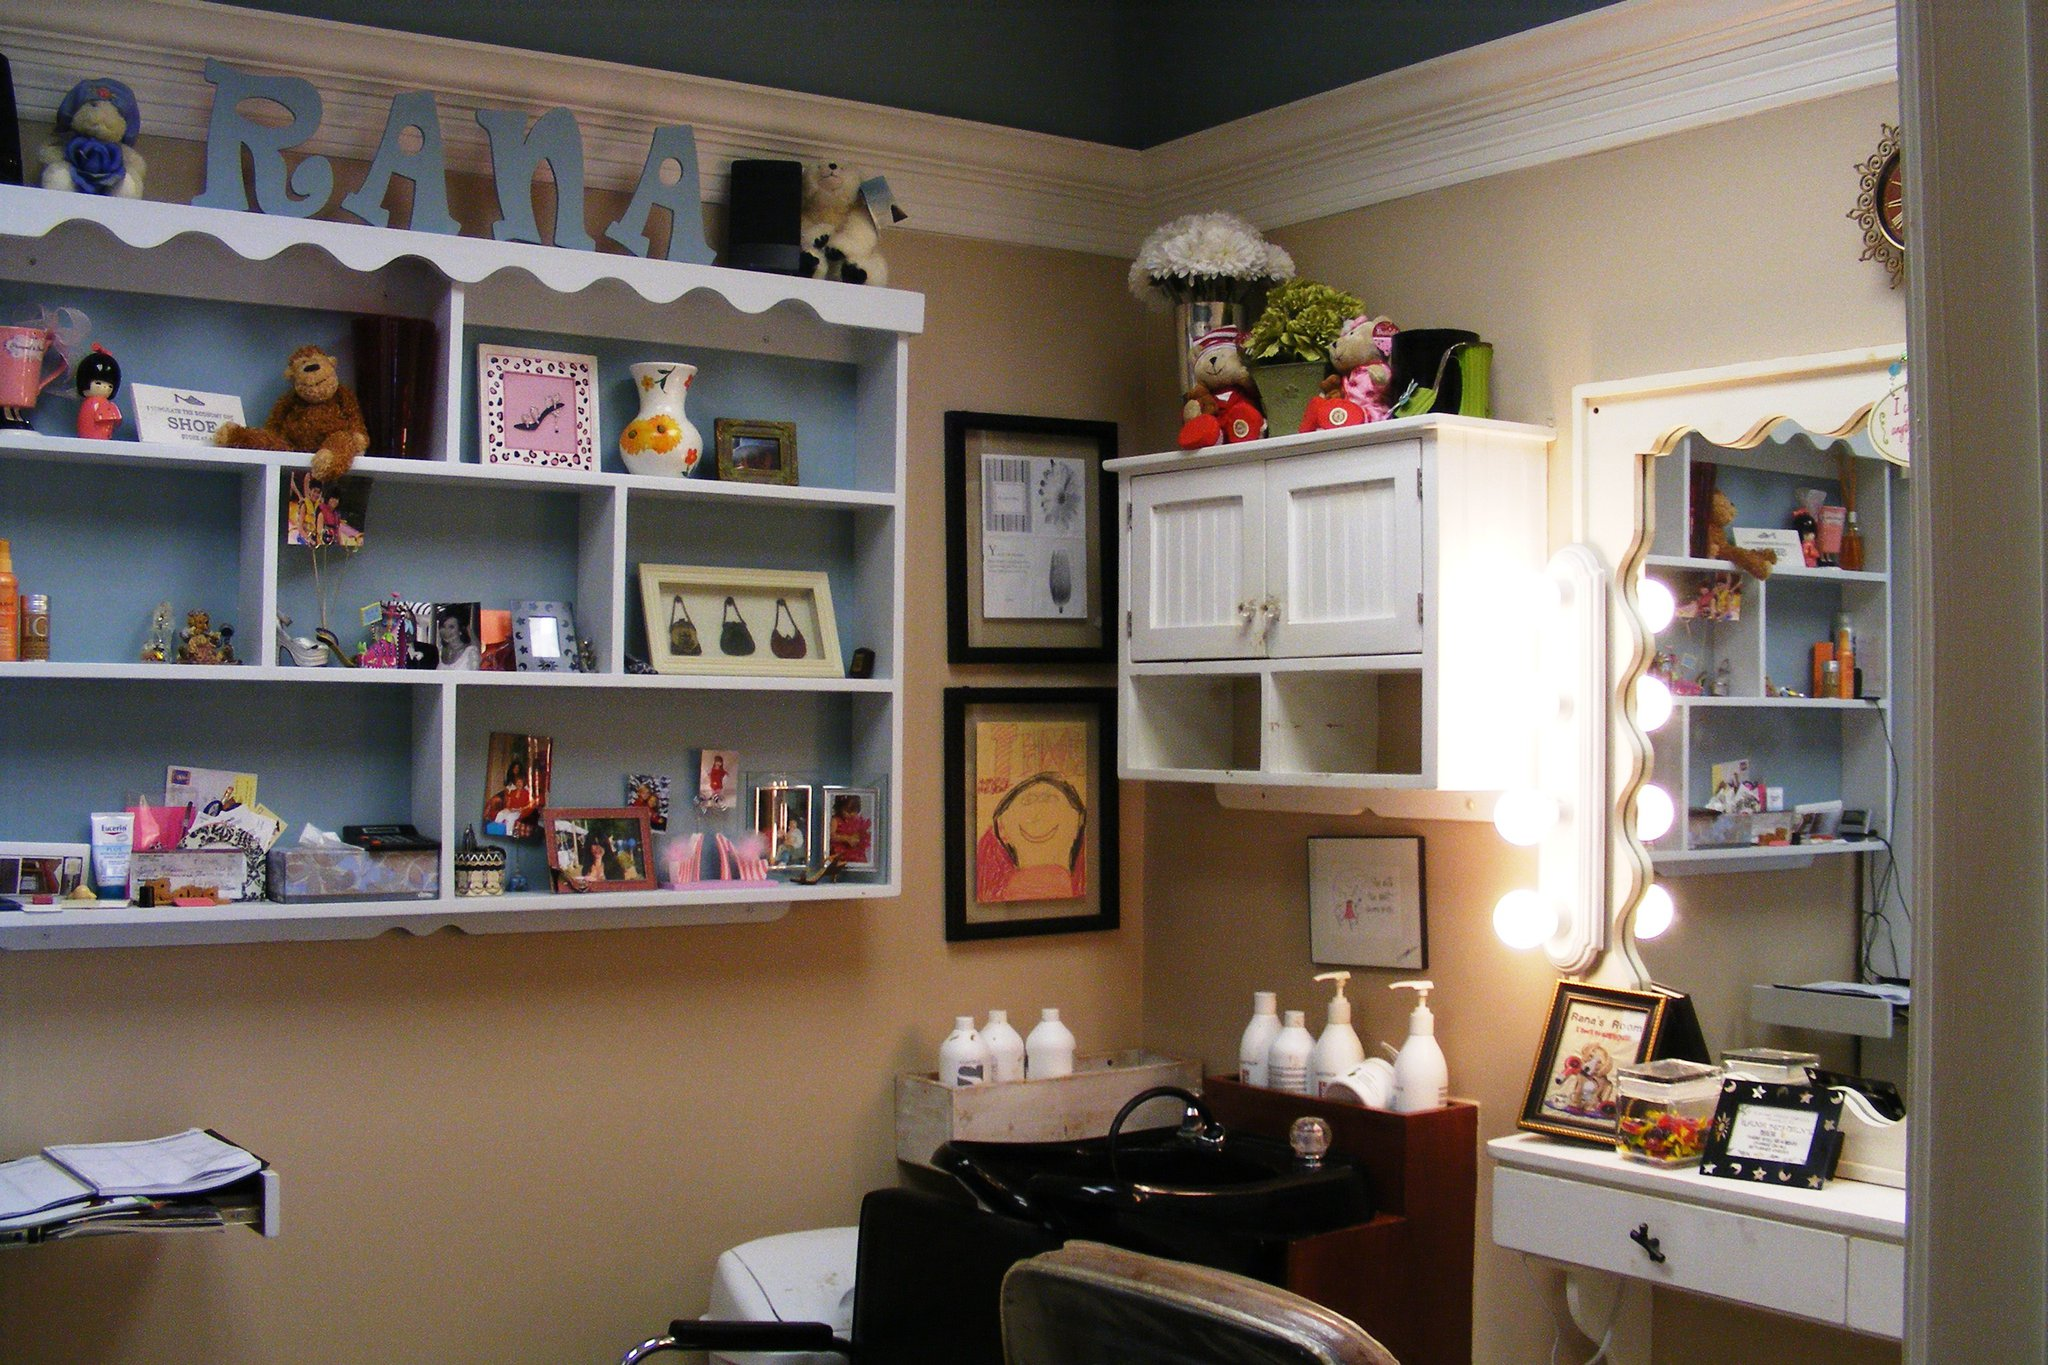 Rana's Room